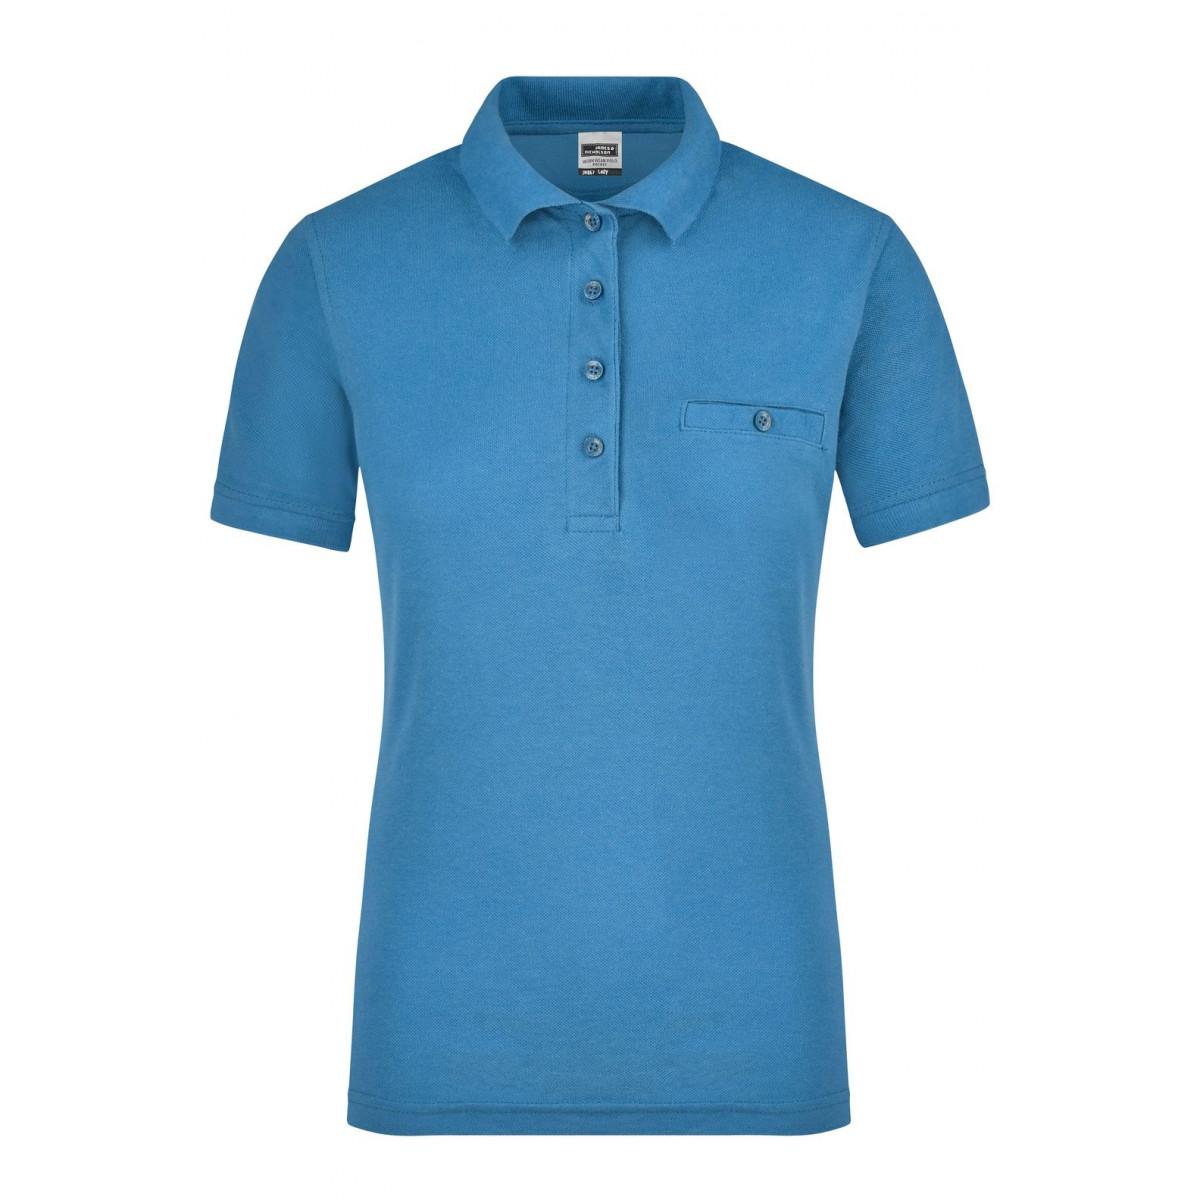 Рубашка поло женская JN867 Ladies Workwear Polo Pocket - Аква